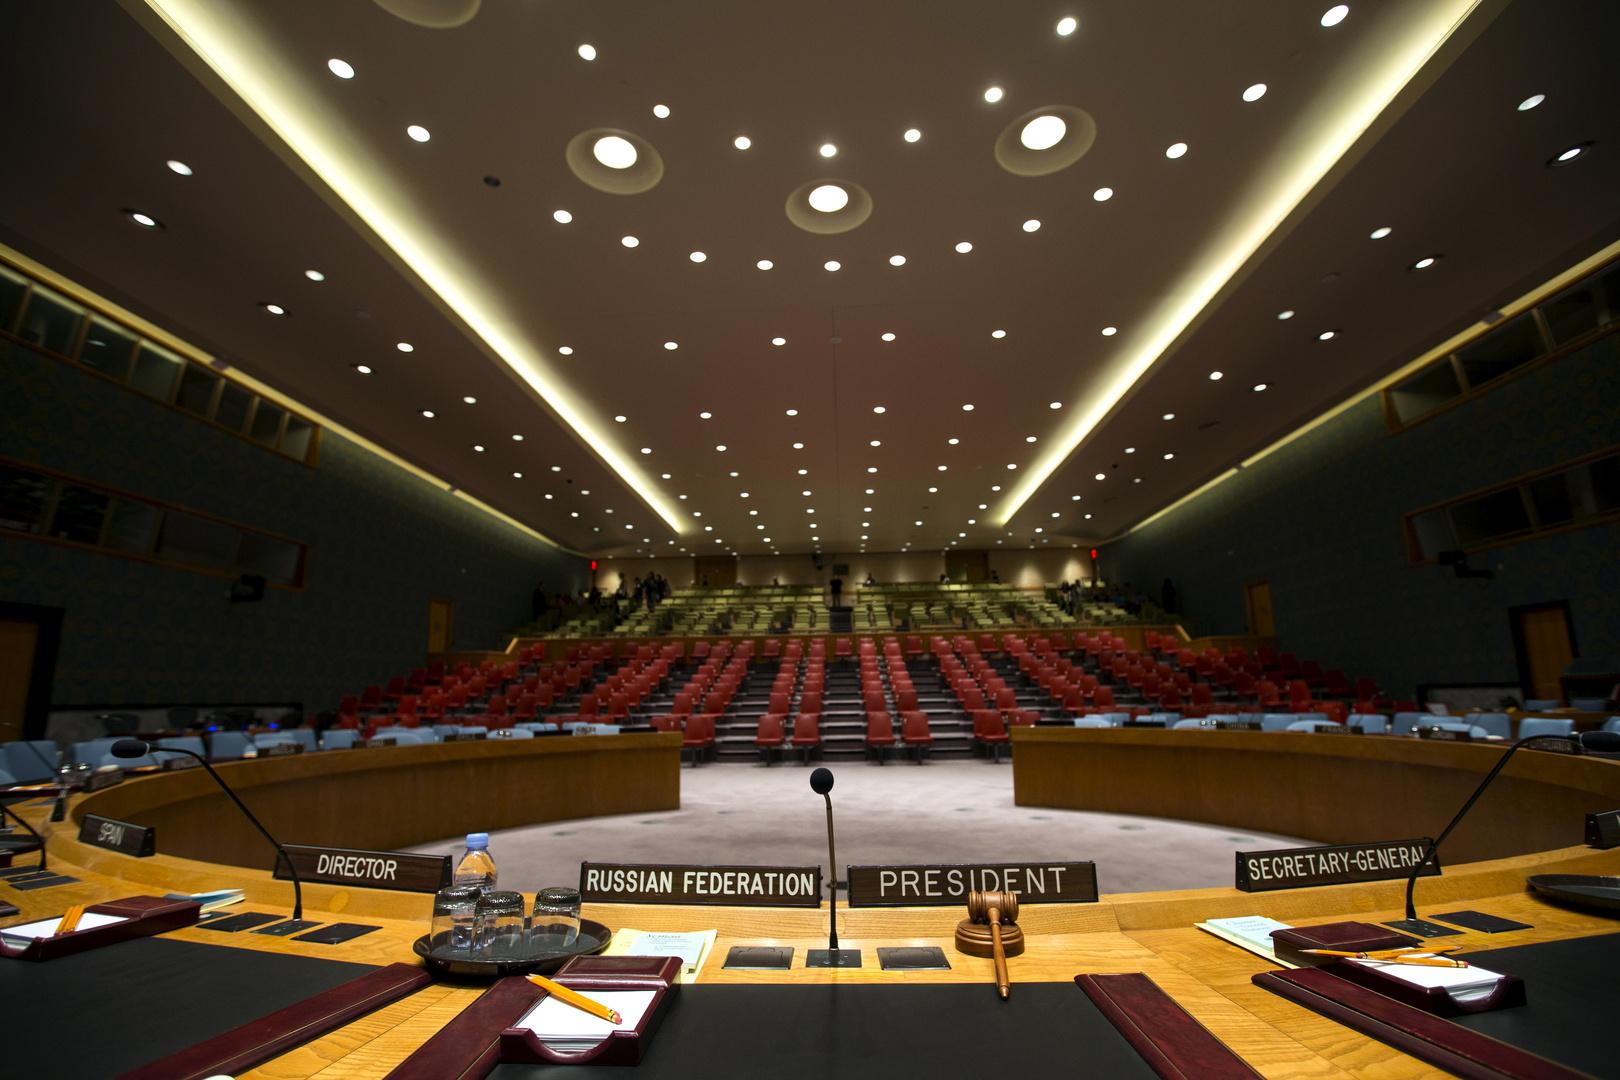 مجلس الأمن الدولي يعقد الثلاثاء اجتماعا جديدا حول التصعيد في الشرق الأوسط